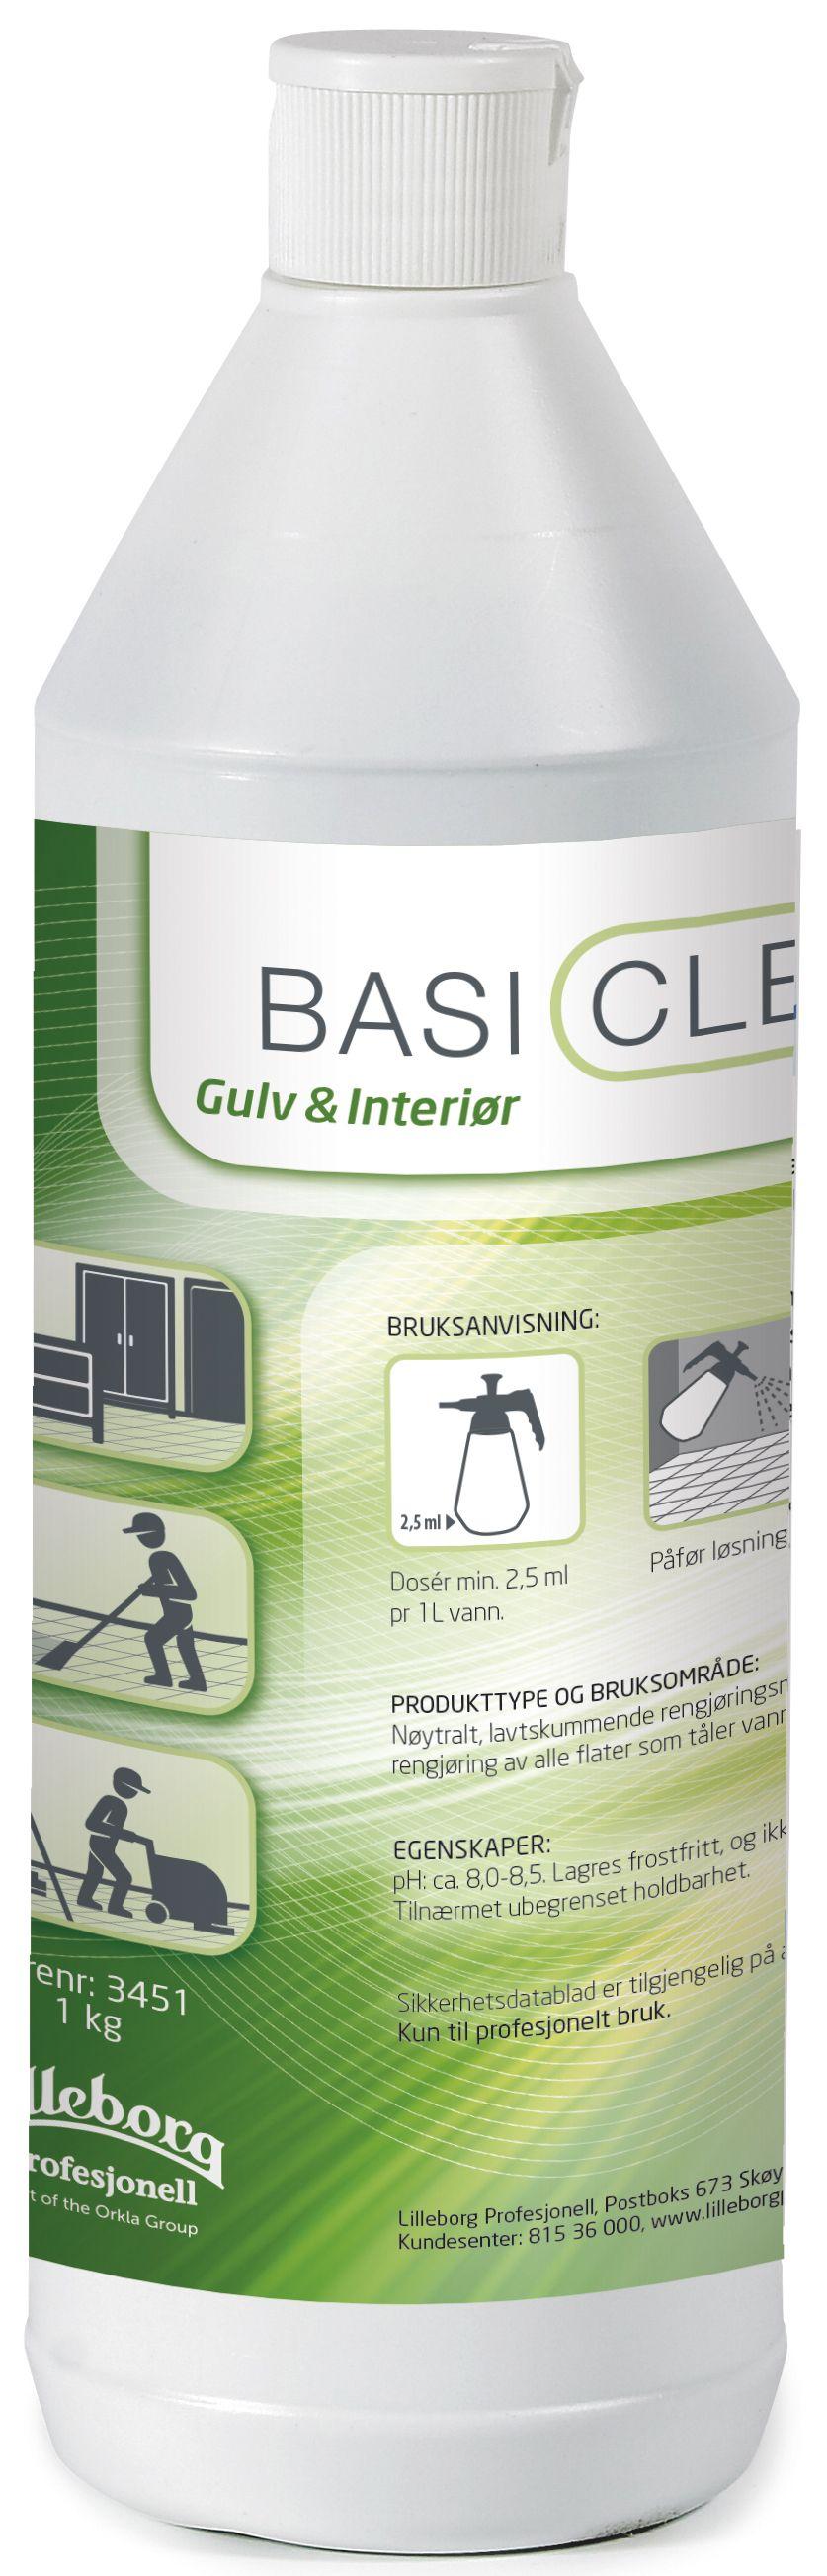 Basiclean Rengjøring gulv og interiør 1L Y462300